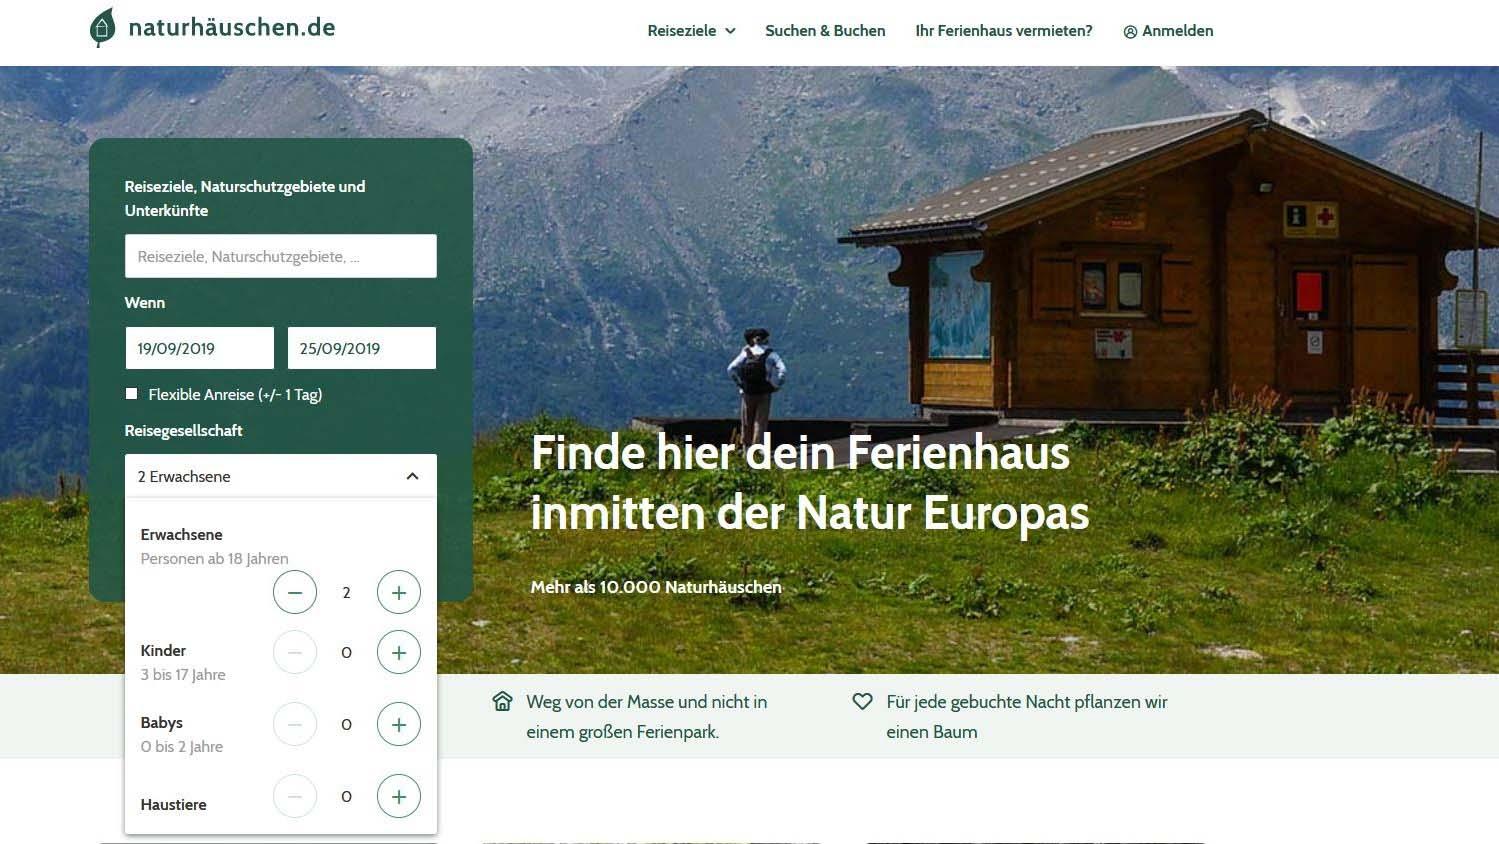 NaturhäuschenDE-Grober-Filter